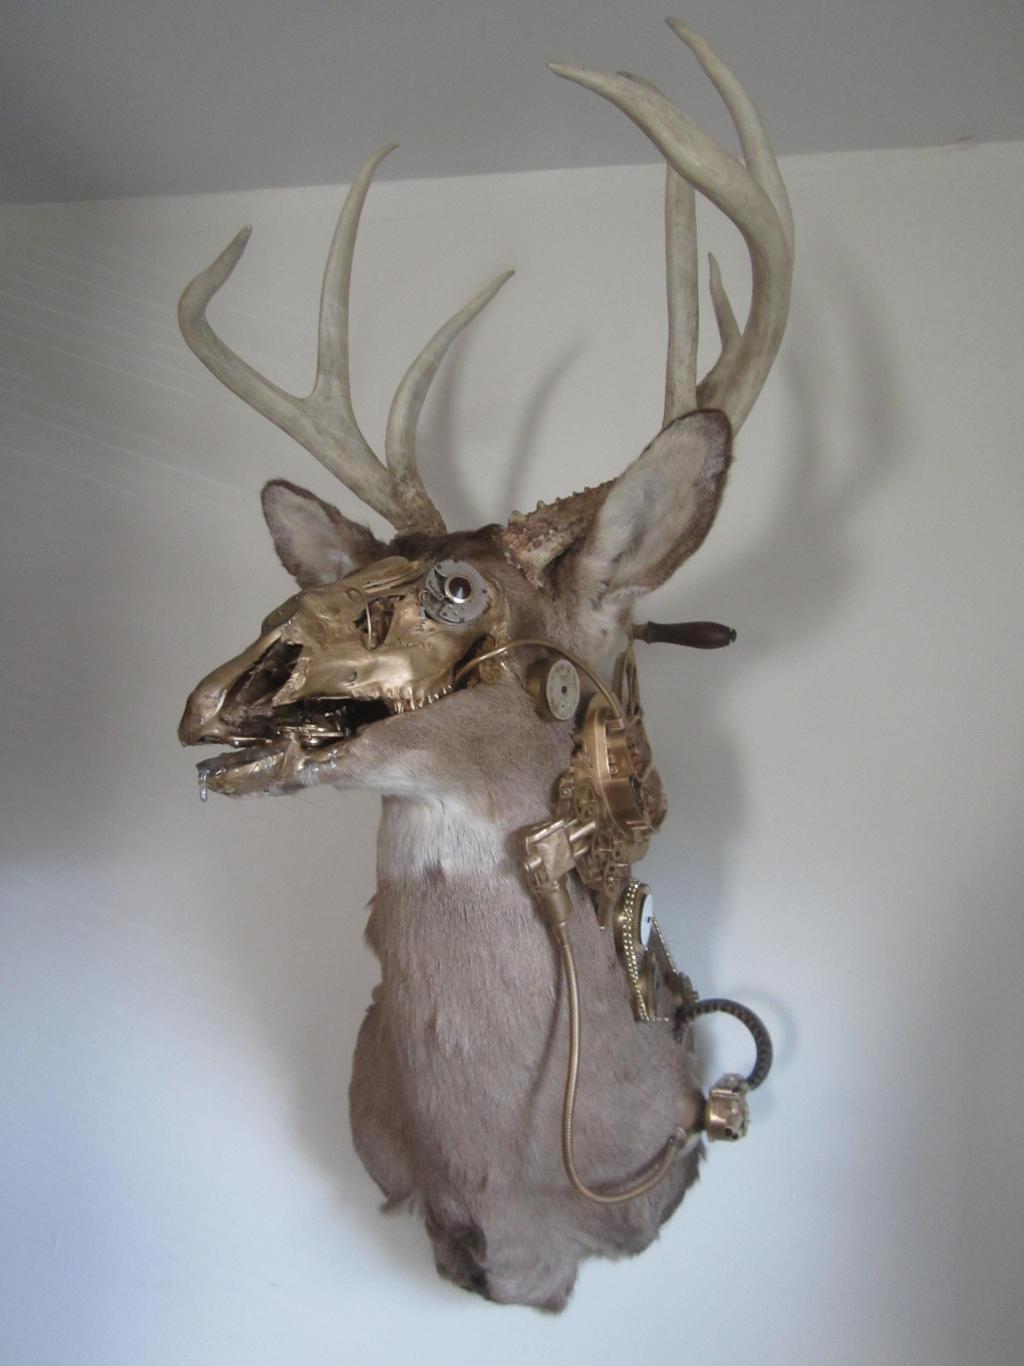 Steampunk Taxidermy Deer 1 By Steamjunker On Deviantart